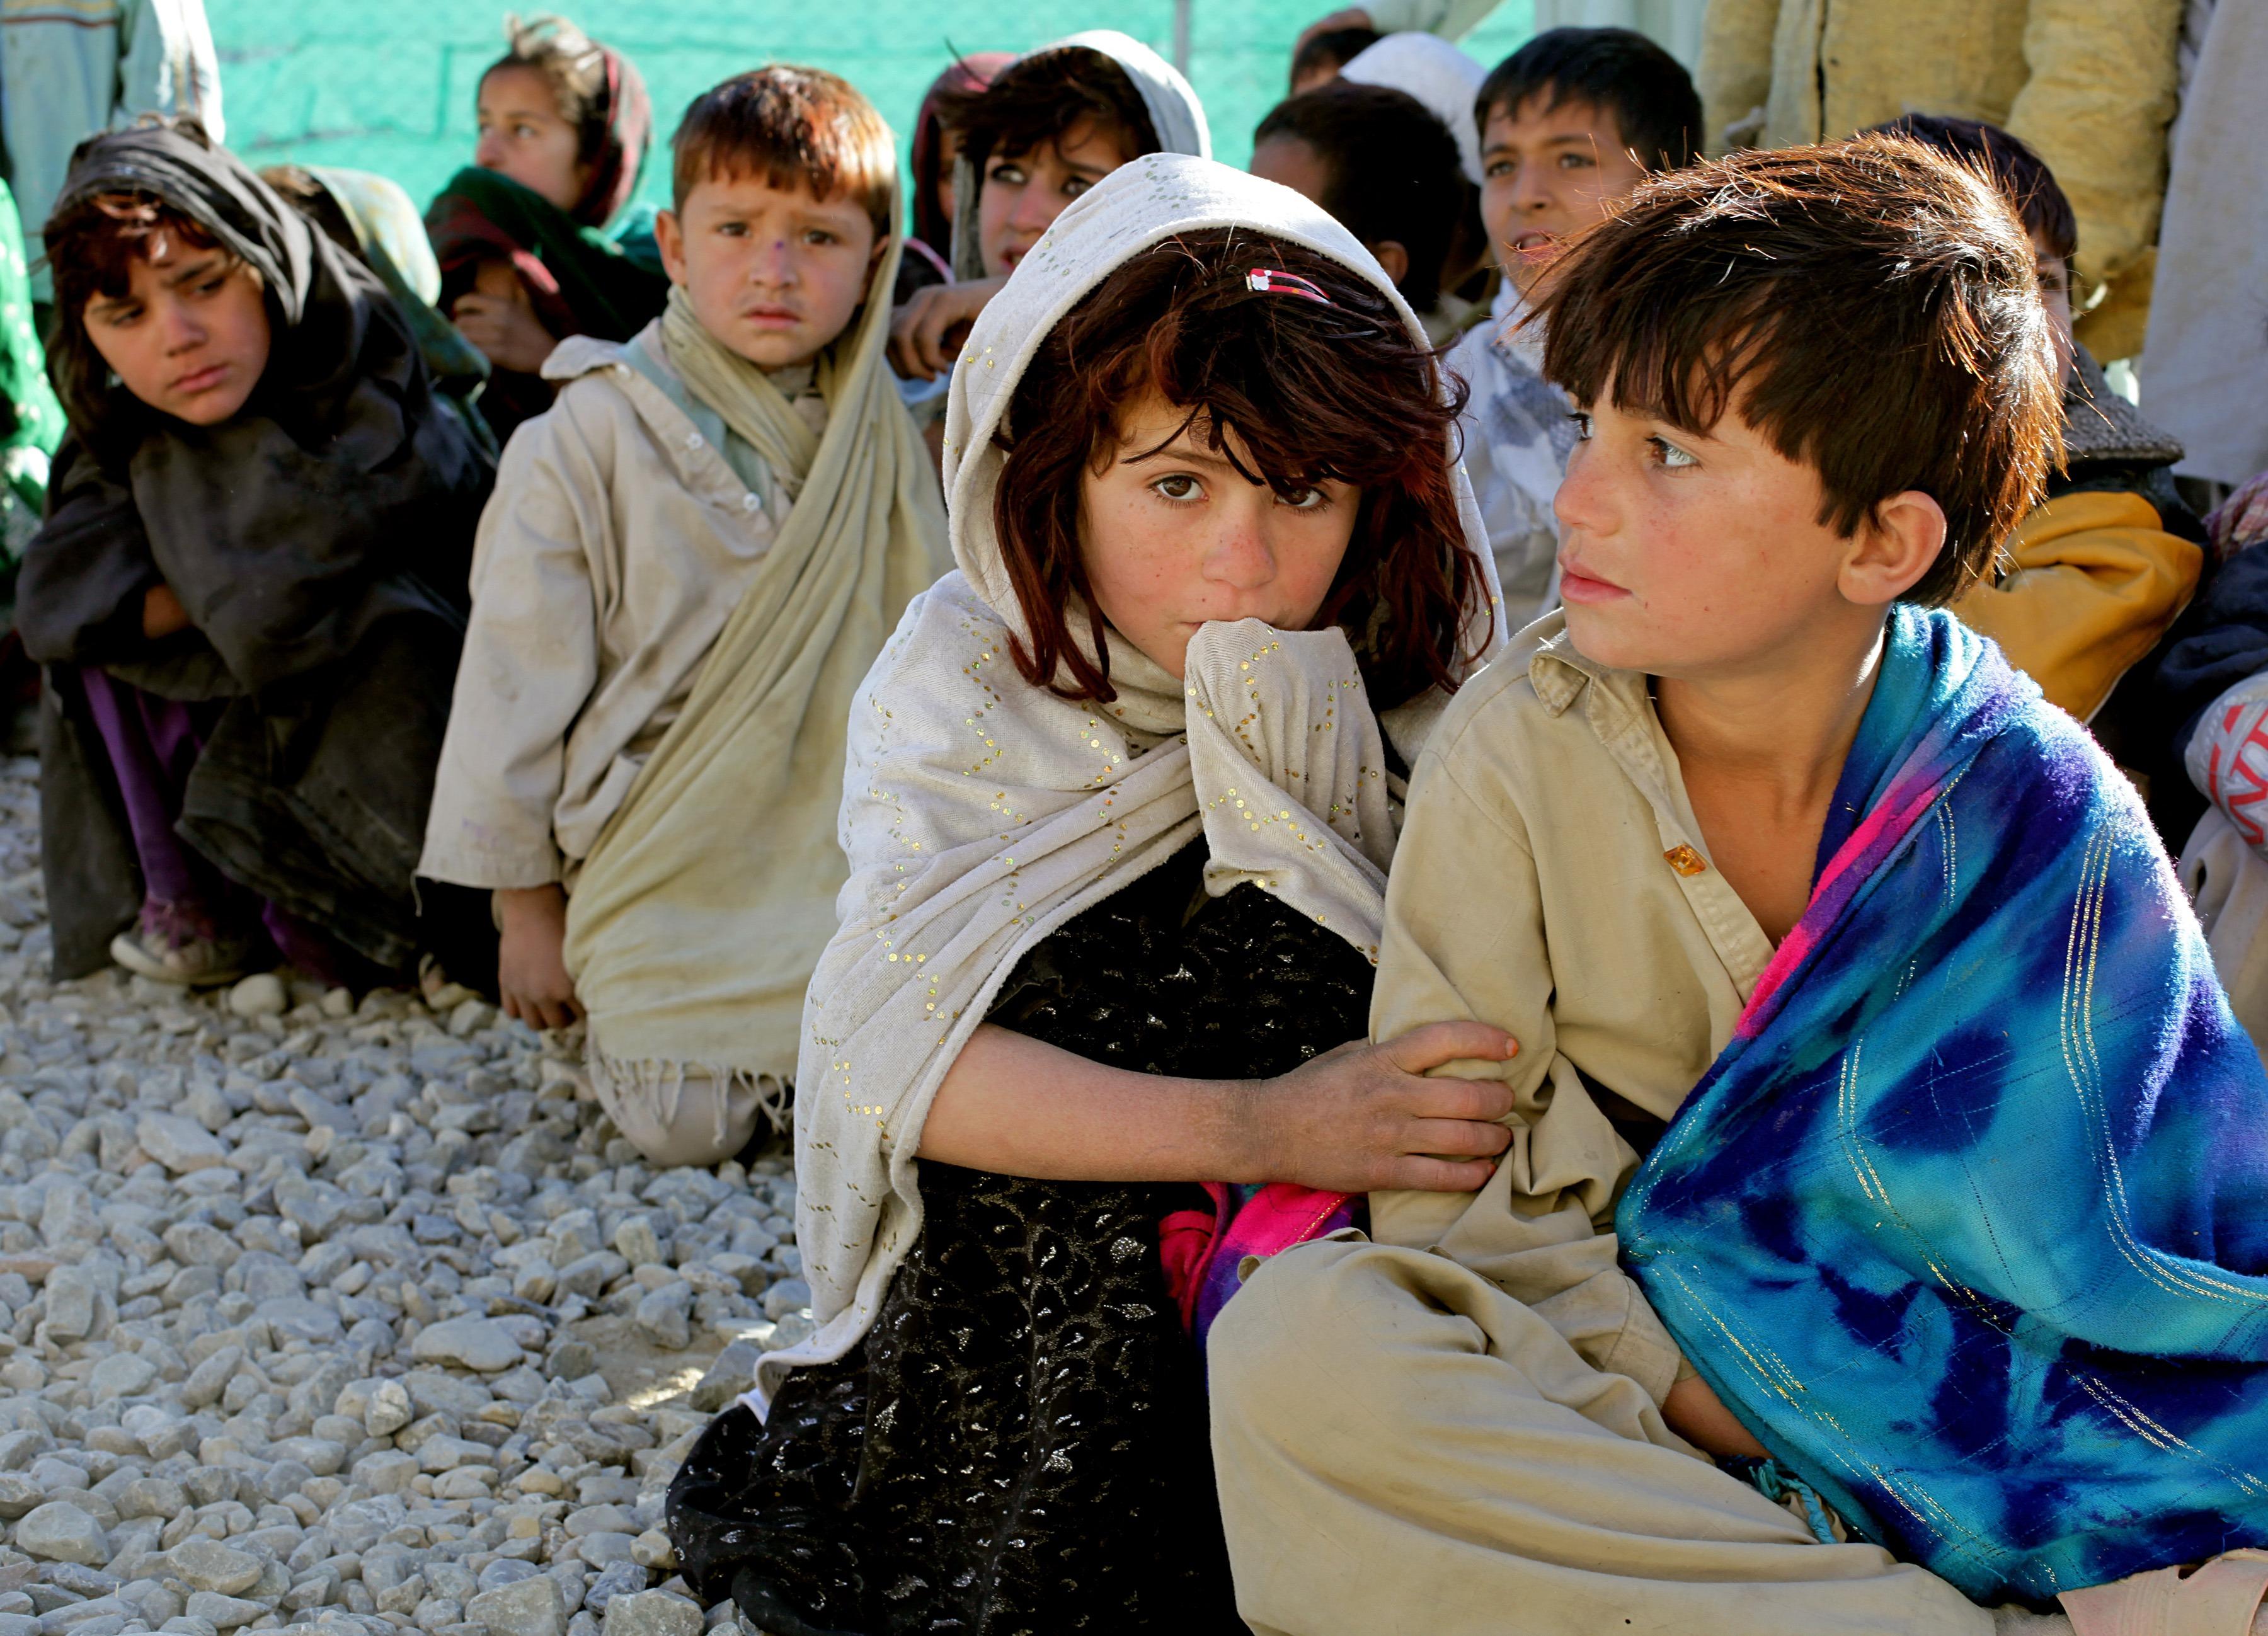 афганистан фото людей такие